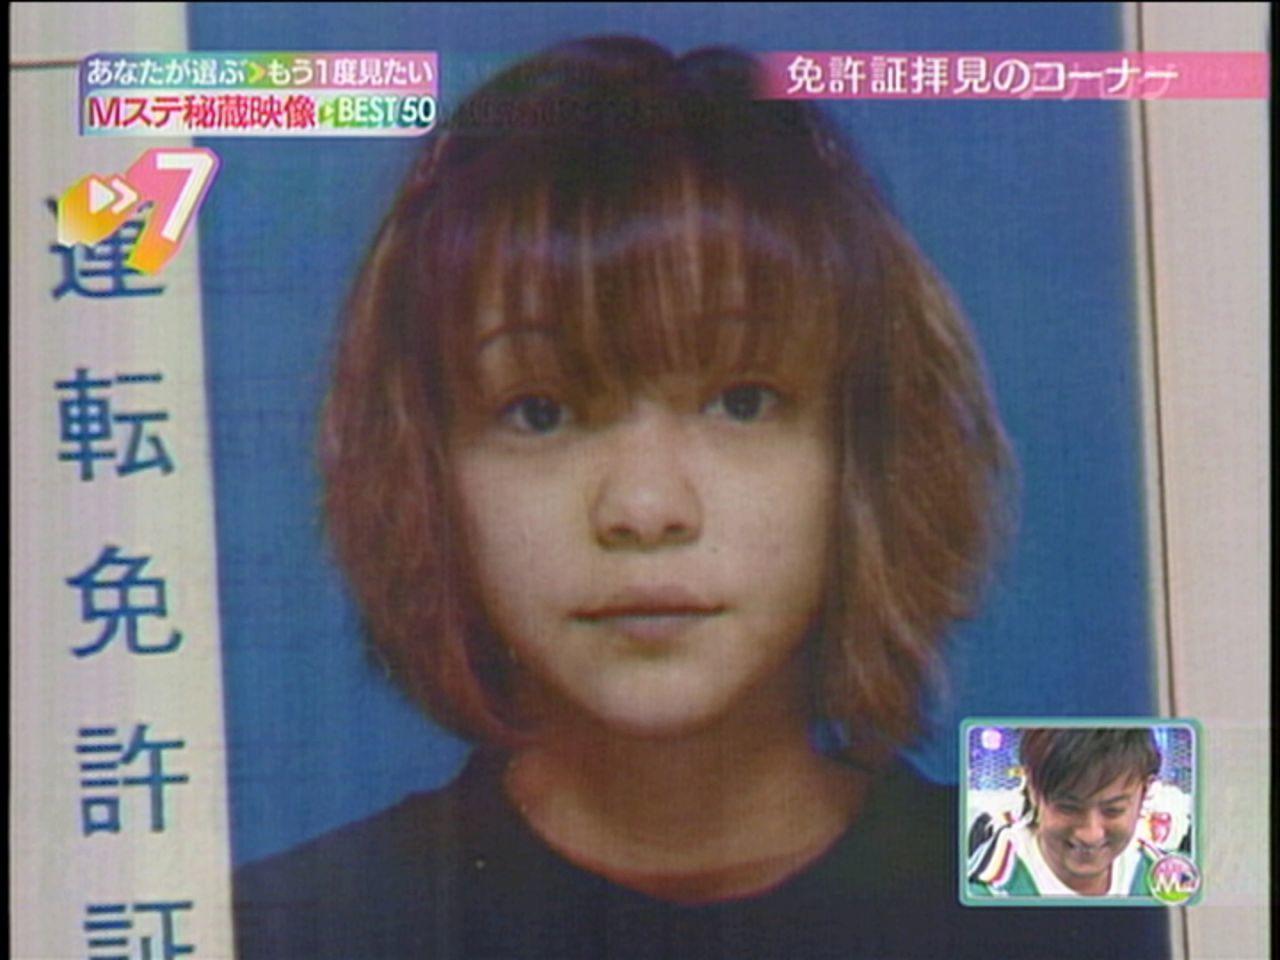 奈美恵 息子 安室 安室奈美恵の息子の顔写真と現在?同志社大学と医学部?誕生日とインター?